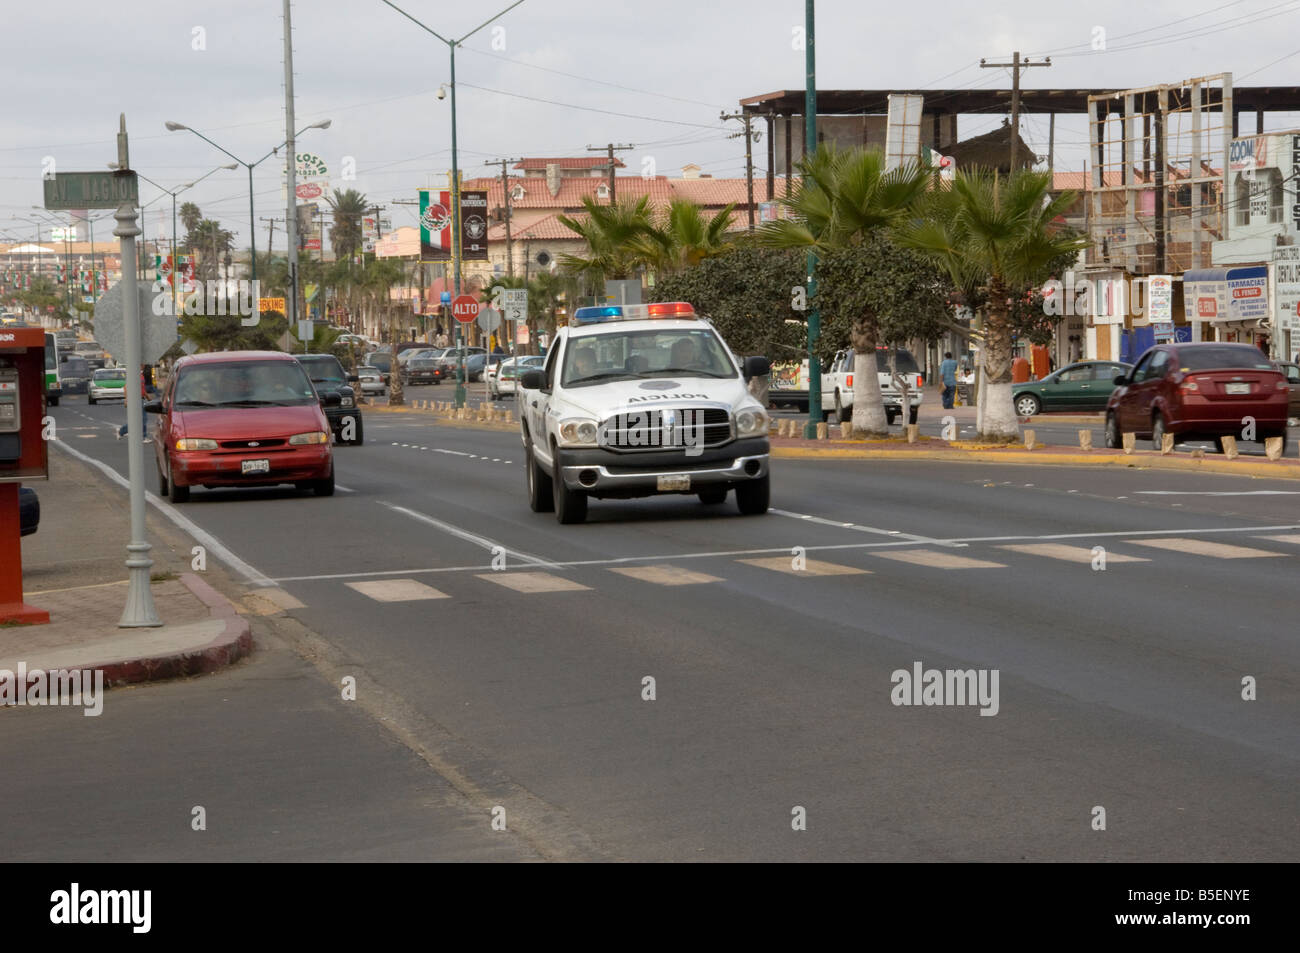 Carrello di polizia in Rosarito Beach Messico Immagini Stock